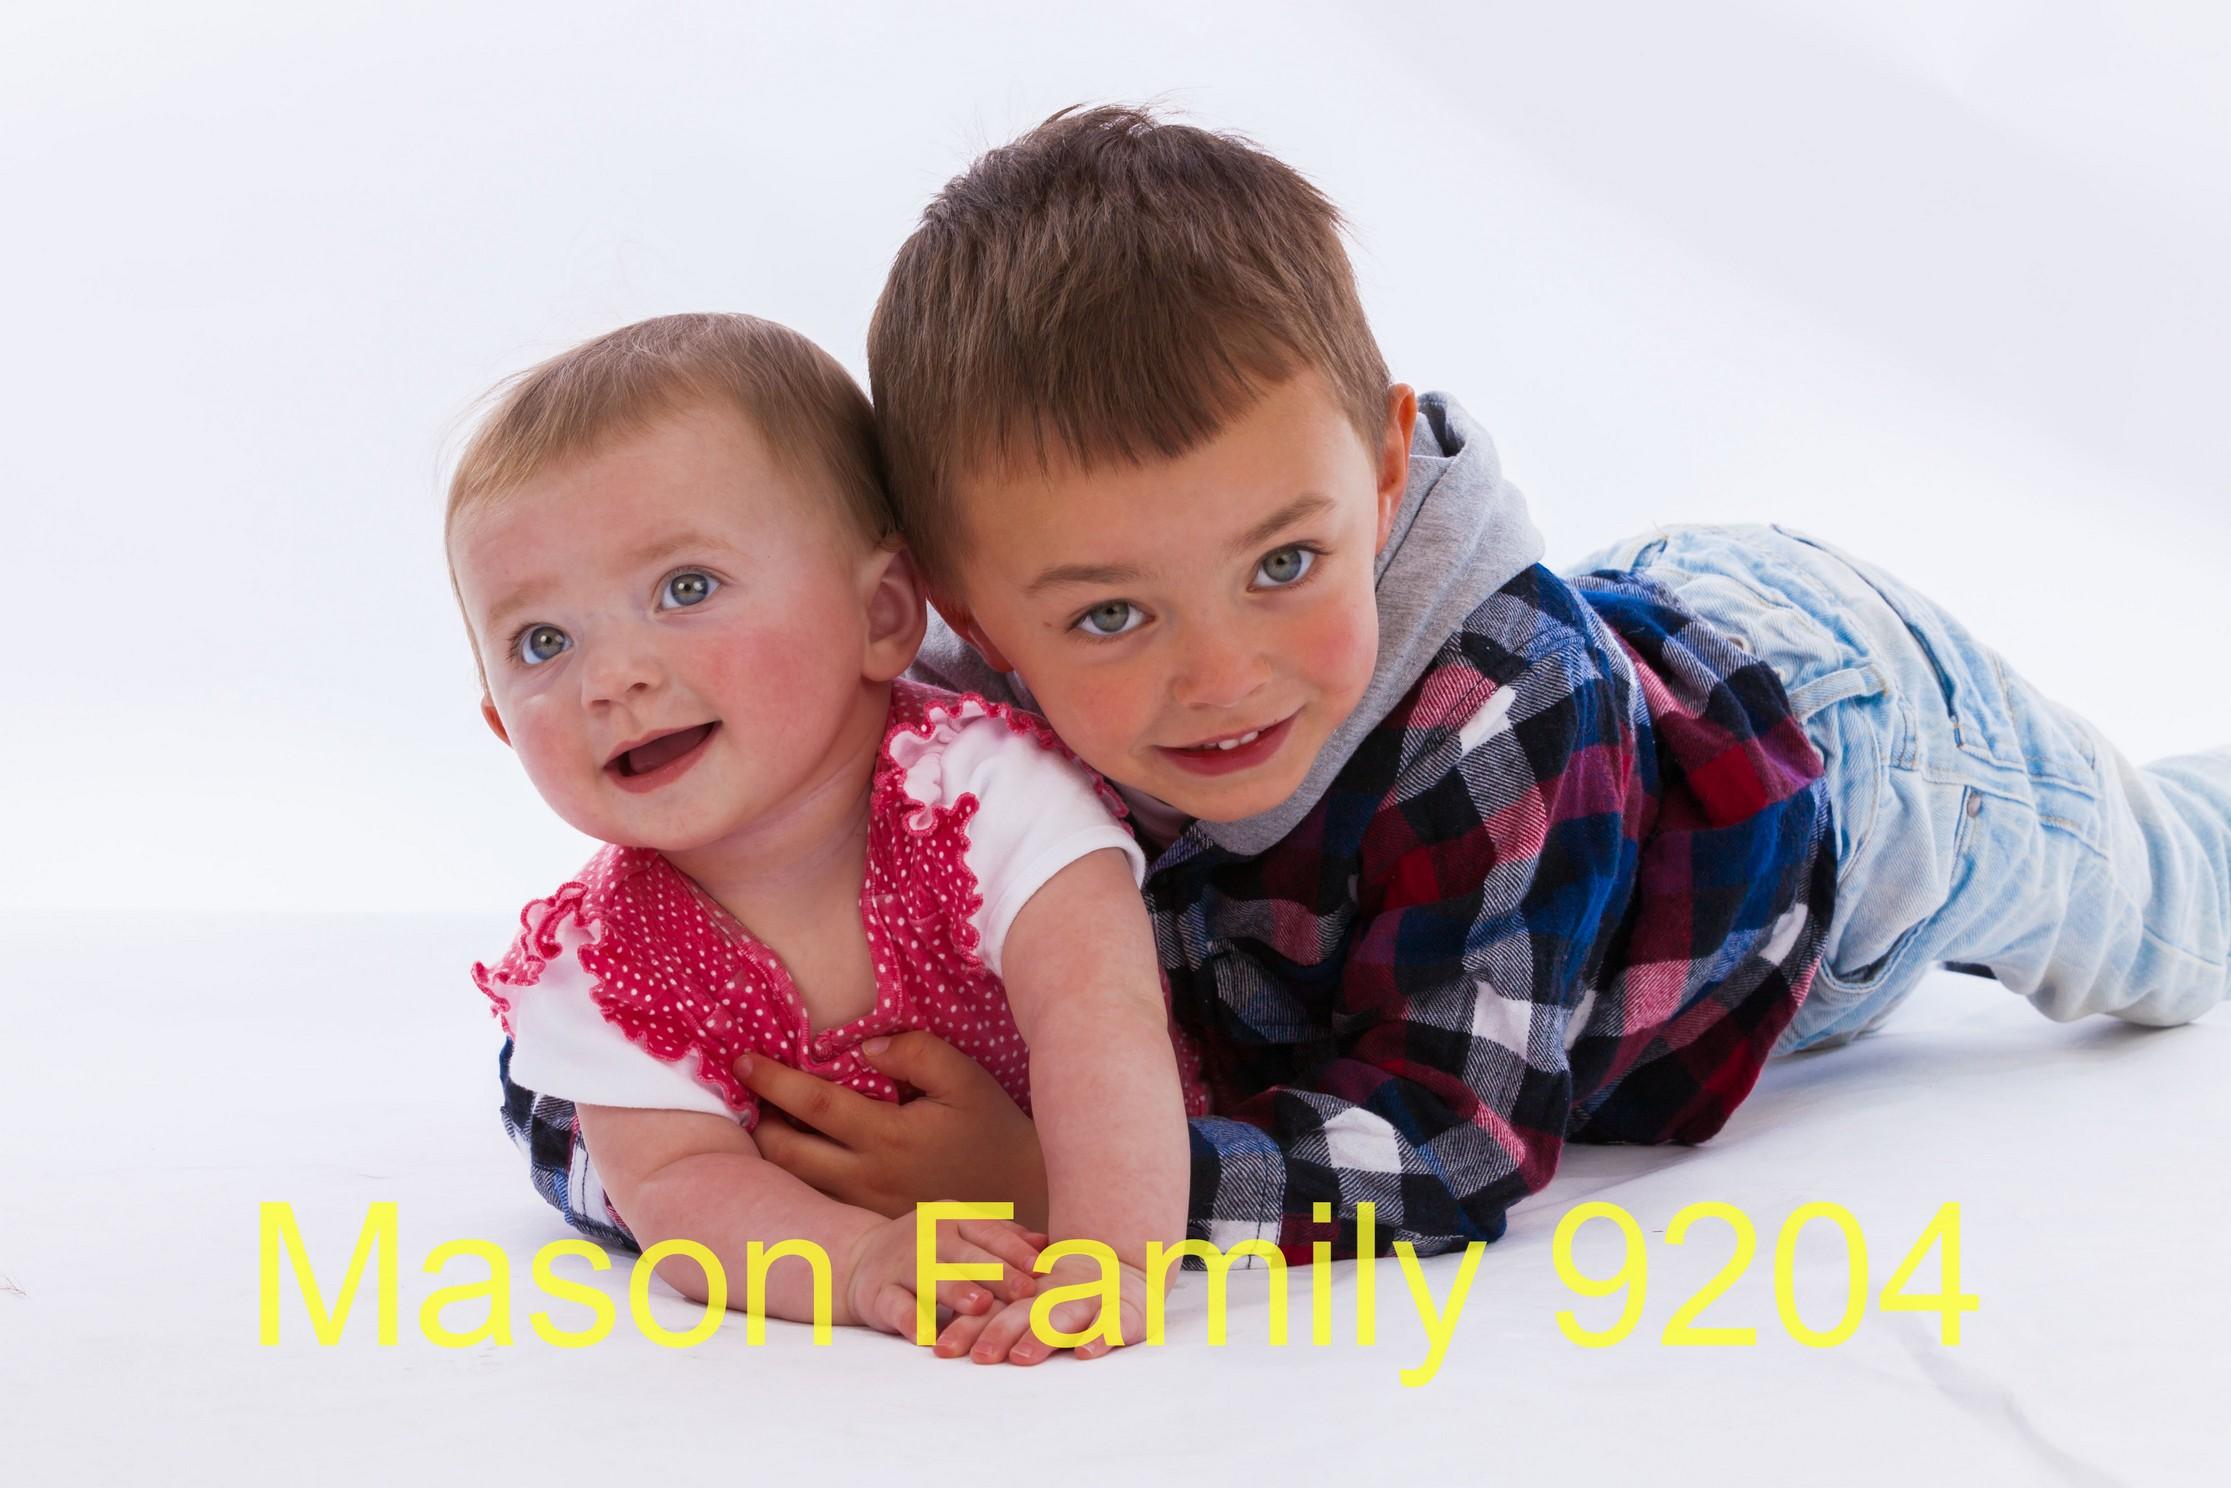 Mason Family 9204